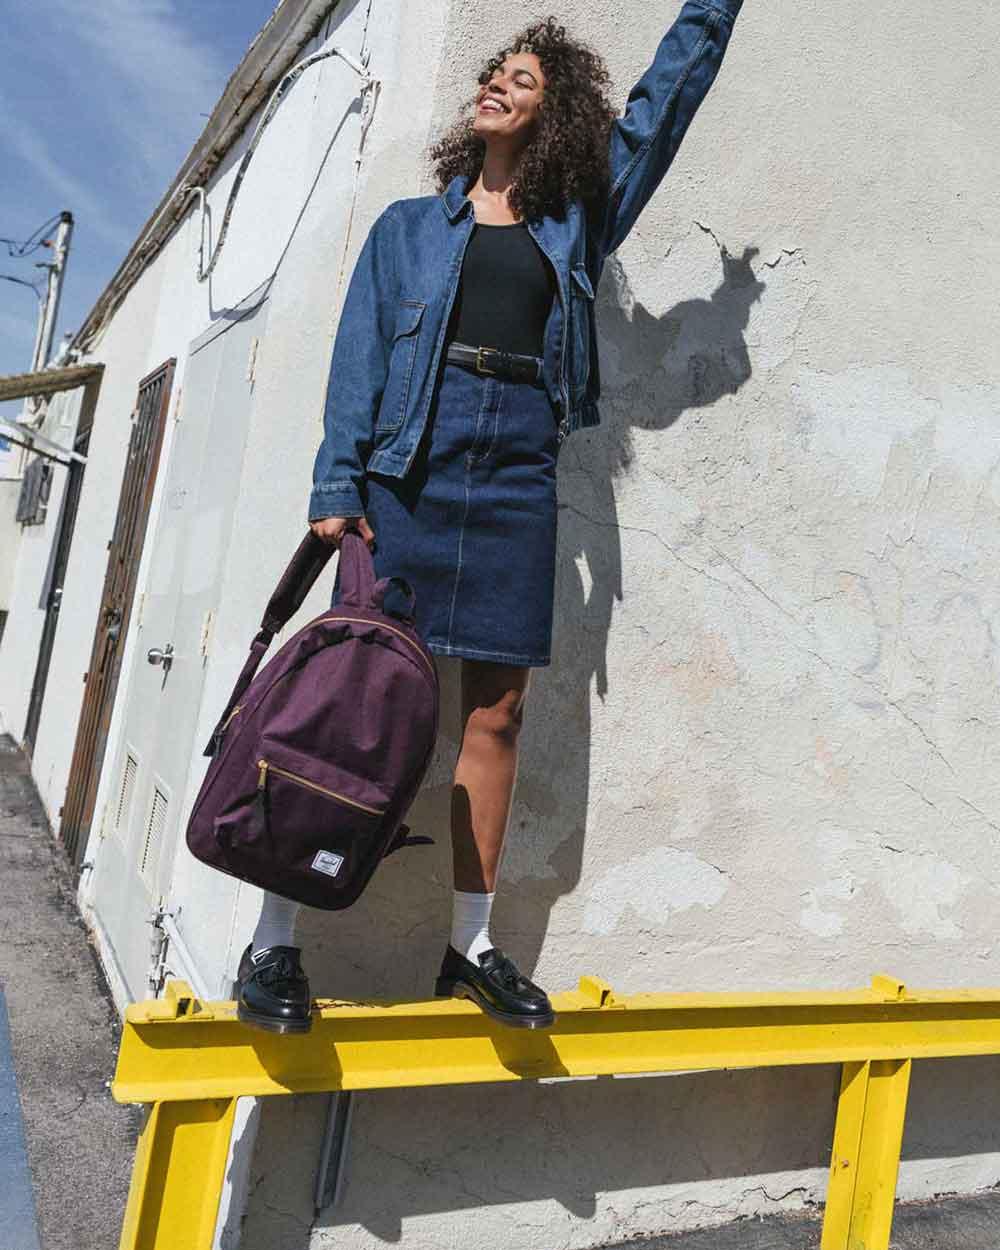 Une femme debout sur une balustrade tenant un sac à dos Blackberry Wine Nova de taille moyenne